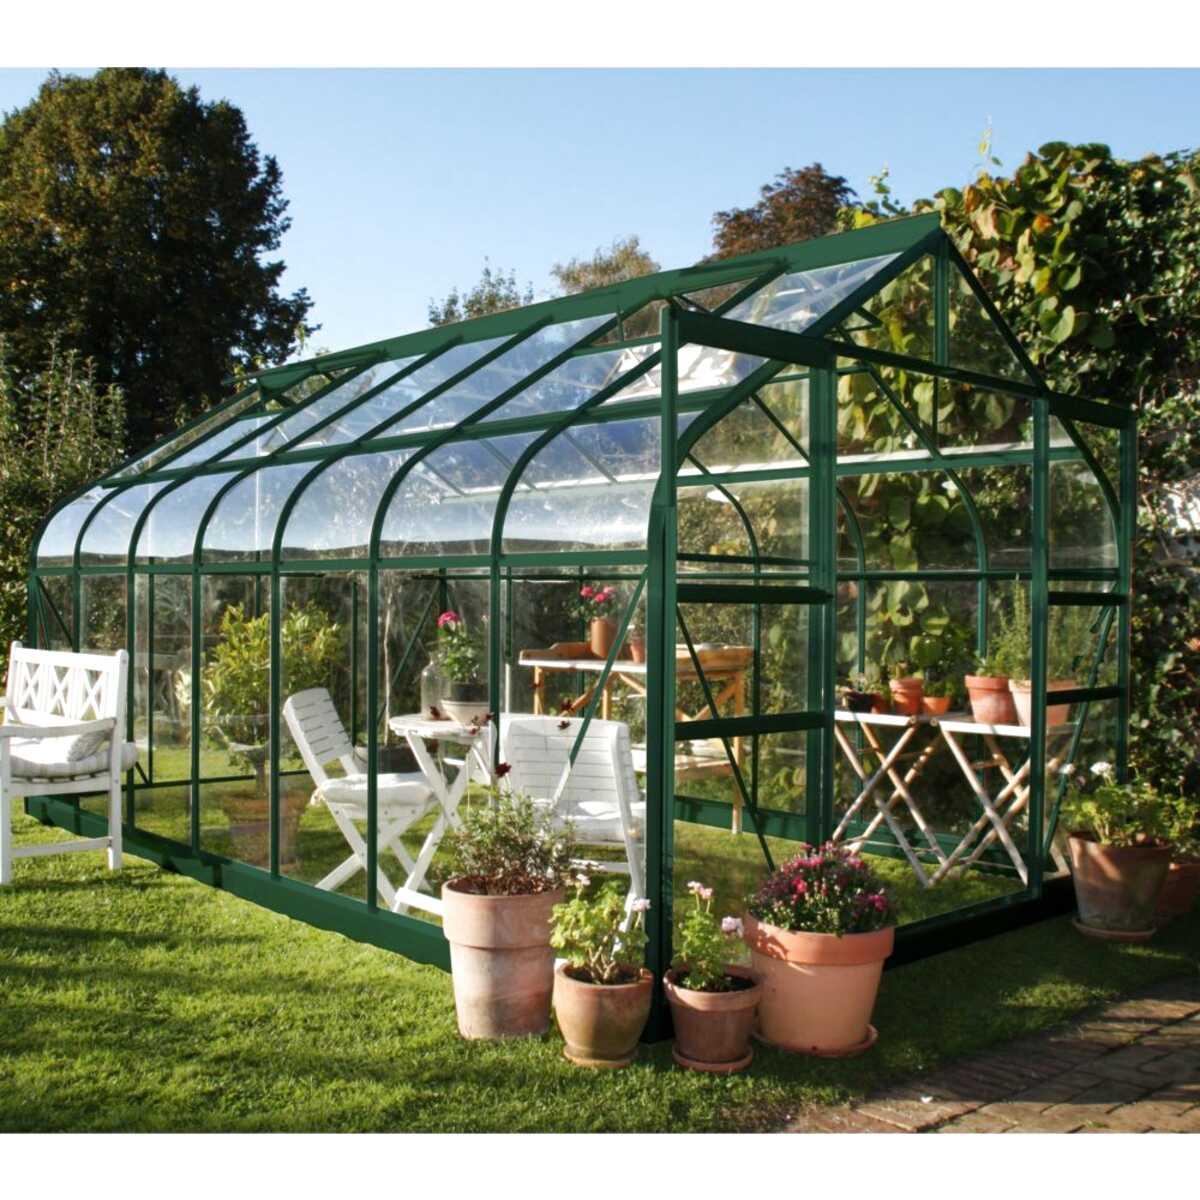 Serre Jardin Verre D Occasion En Belgique 22 Annonces